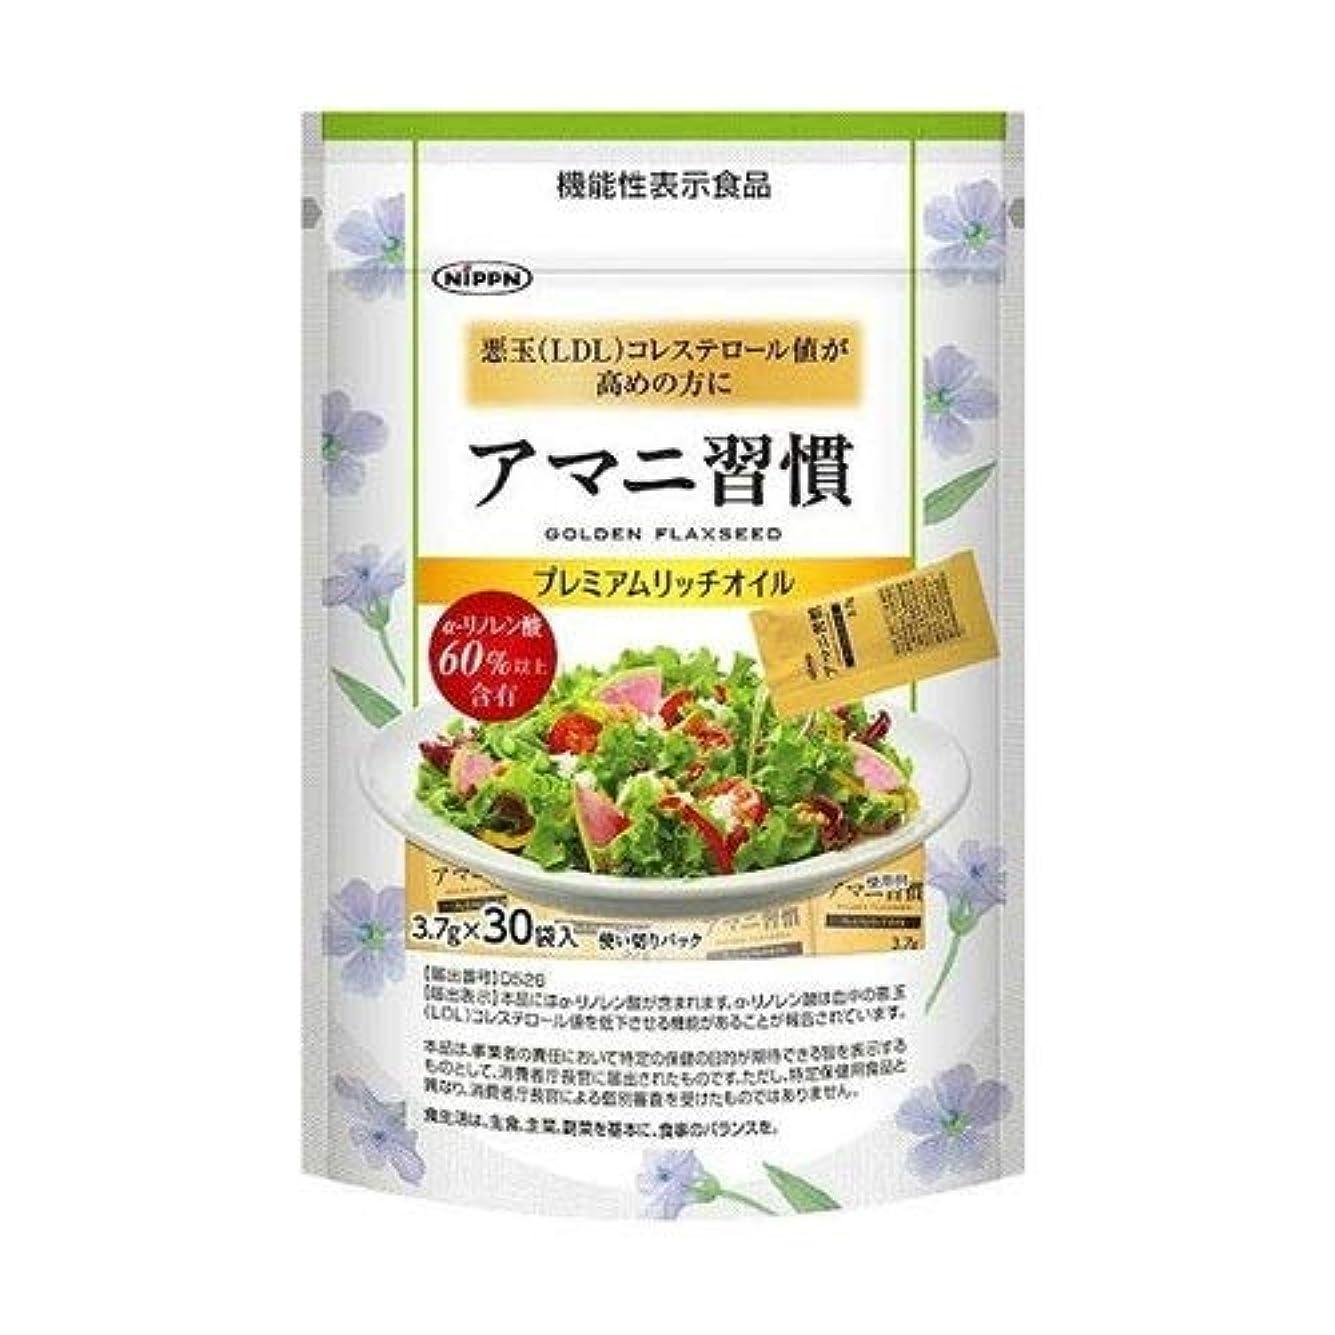 アラスカライドさまよう日本製粉 アマニ習慣 プレミアムリッチオイル 3.7g×30袋入